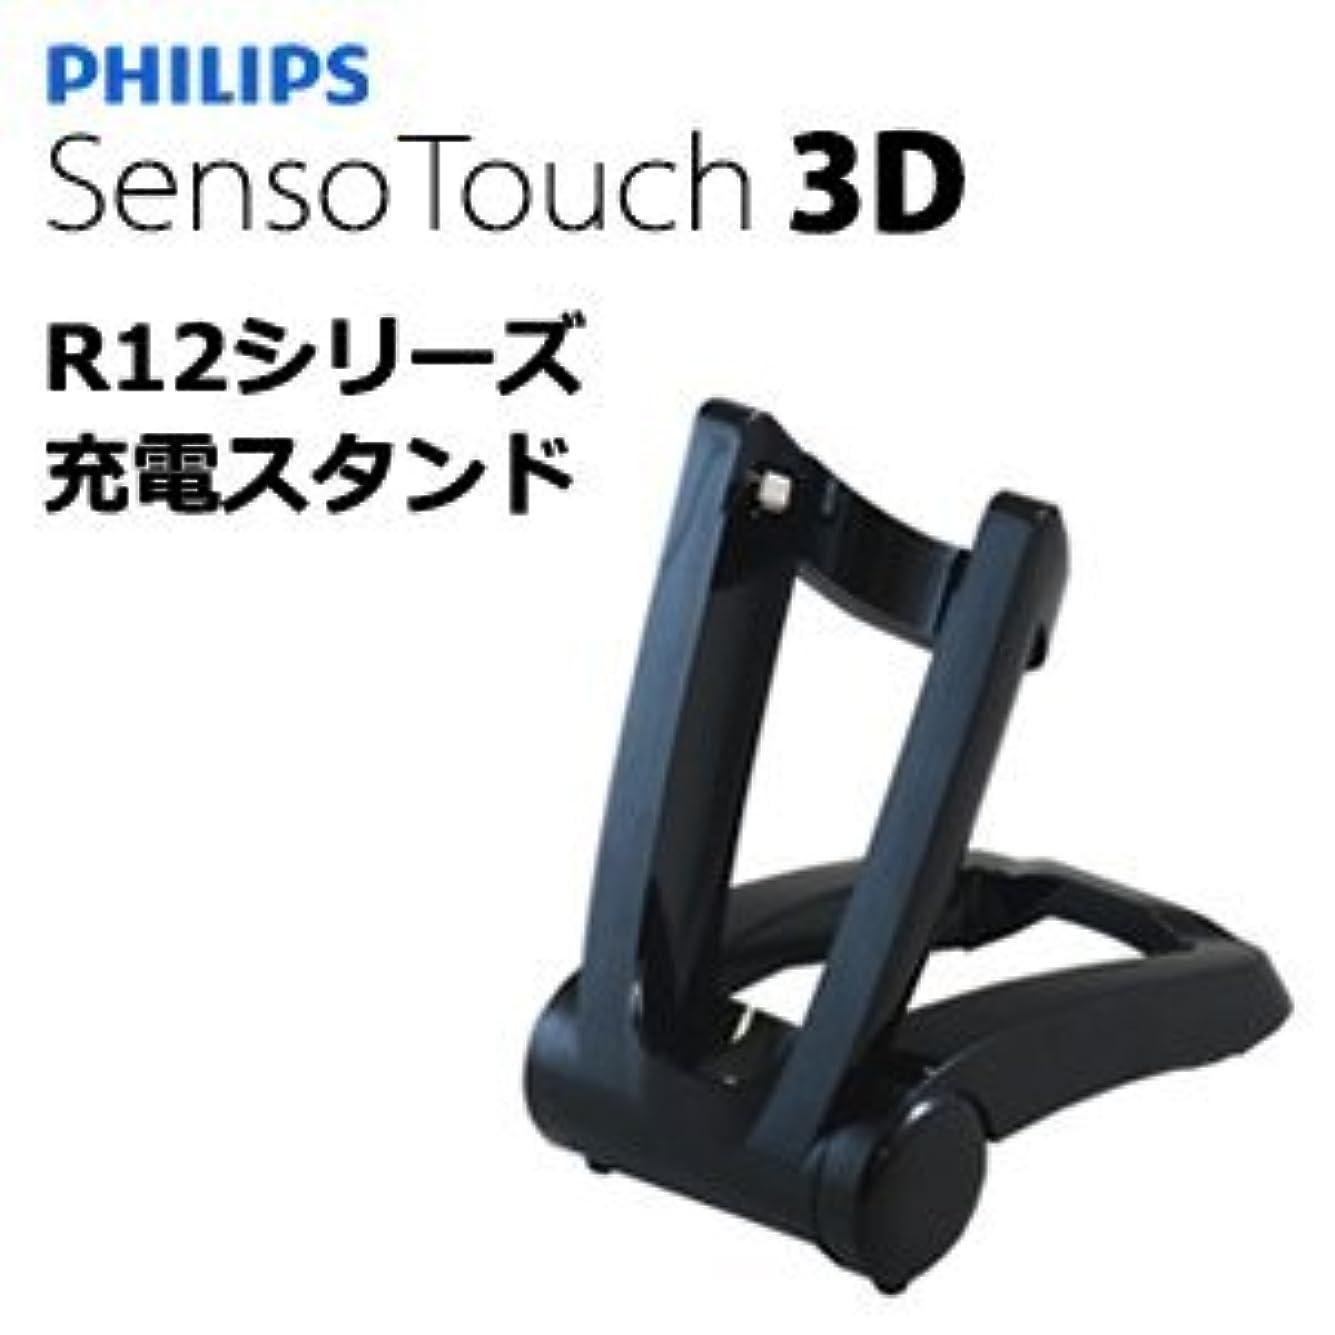 解釈ほめるペイントPHILIPS 電動シェーバー Senso Touch 3D RQ12シリーズ 充電器 チャージャースタンド フィリップス センソタッチ シリーズ 携帯 充電器 チャージャー スタンド